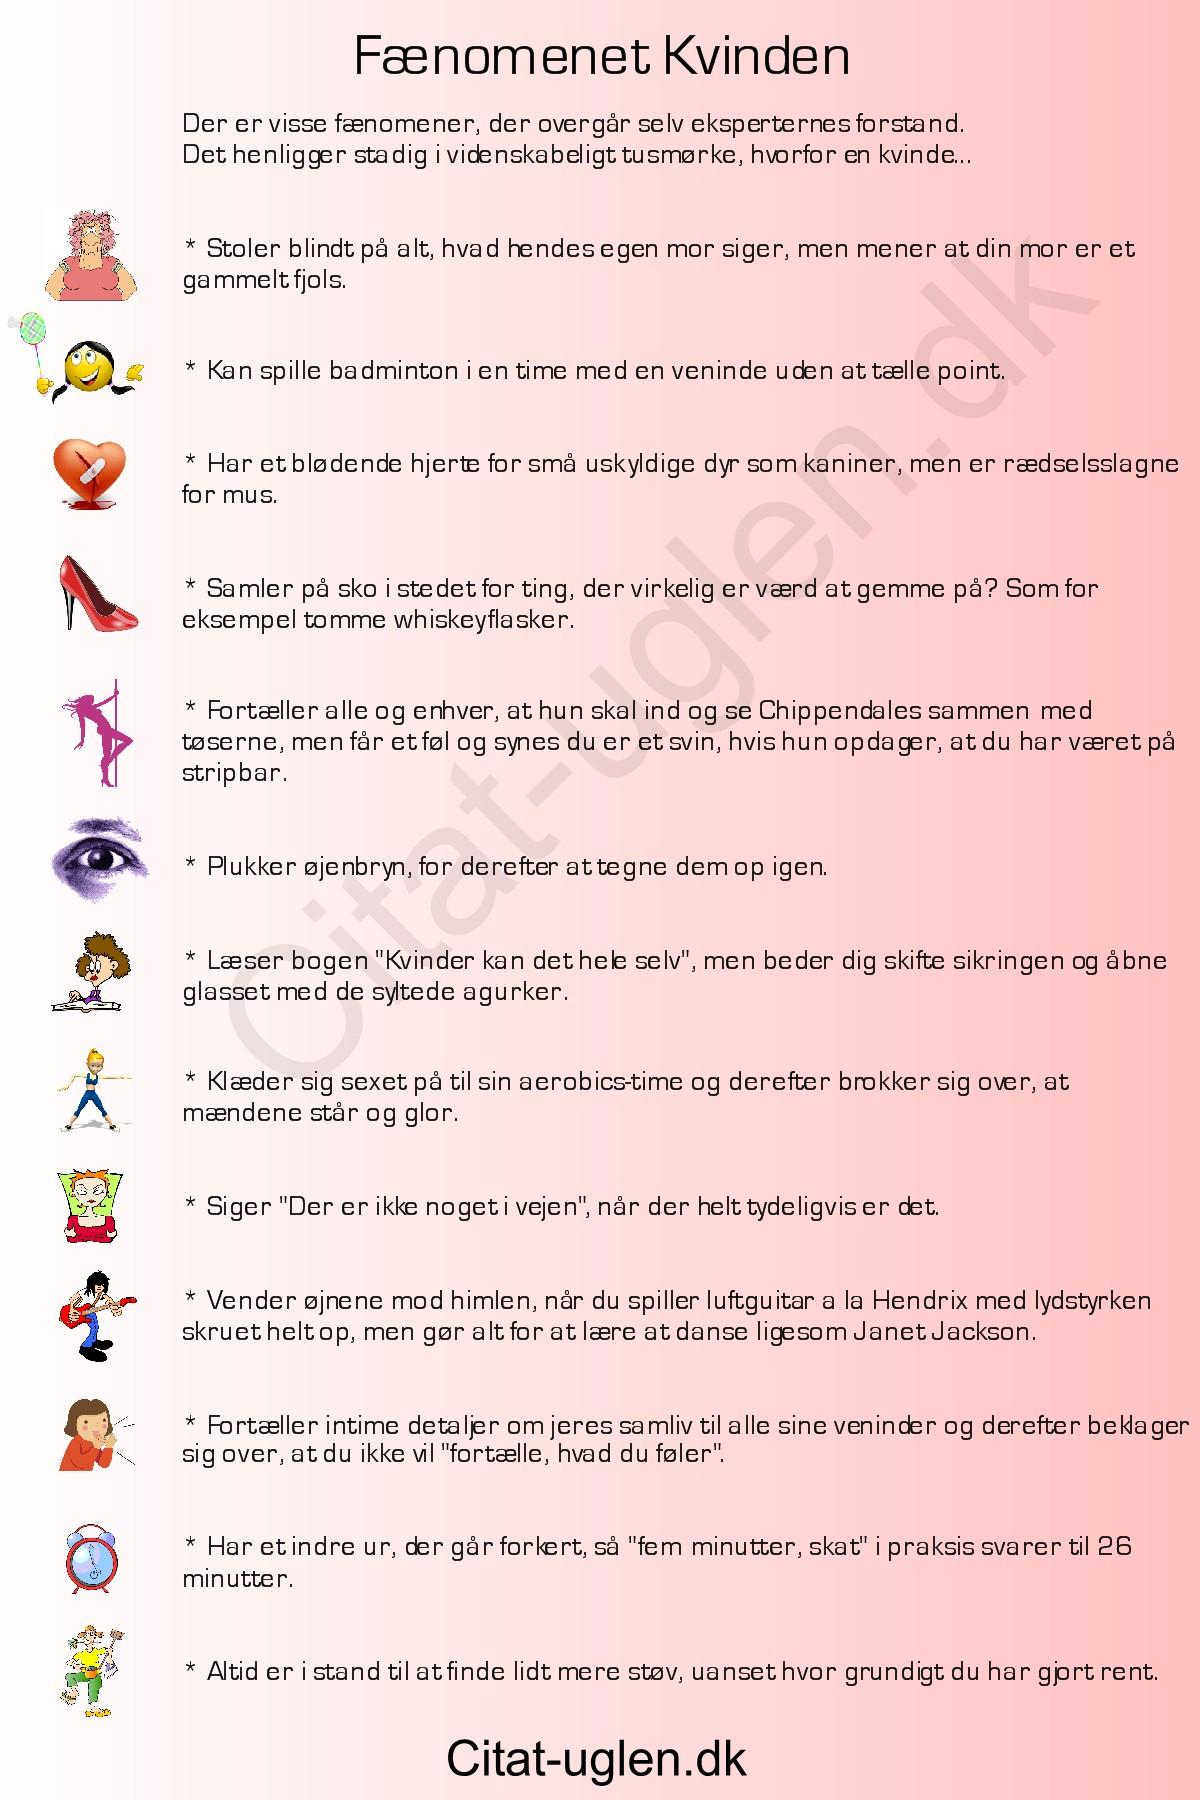 sjove citater om kvinder FænomeKvinden : Citat uglen.dk sjove citater om kvinder